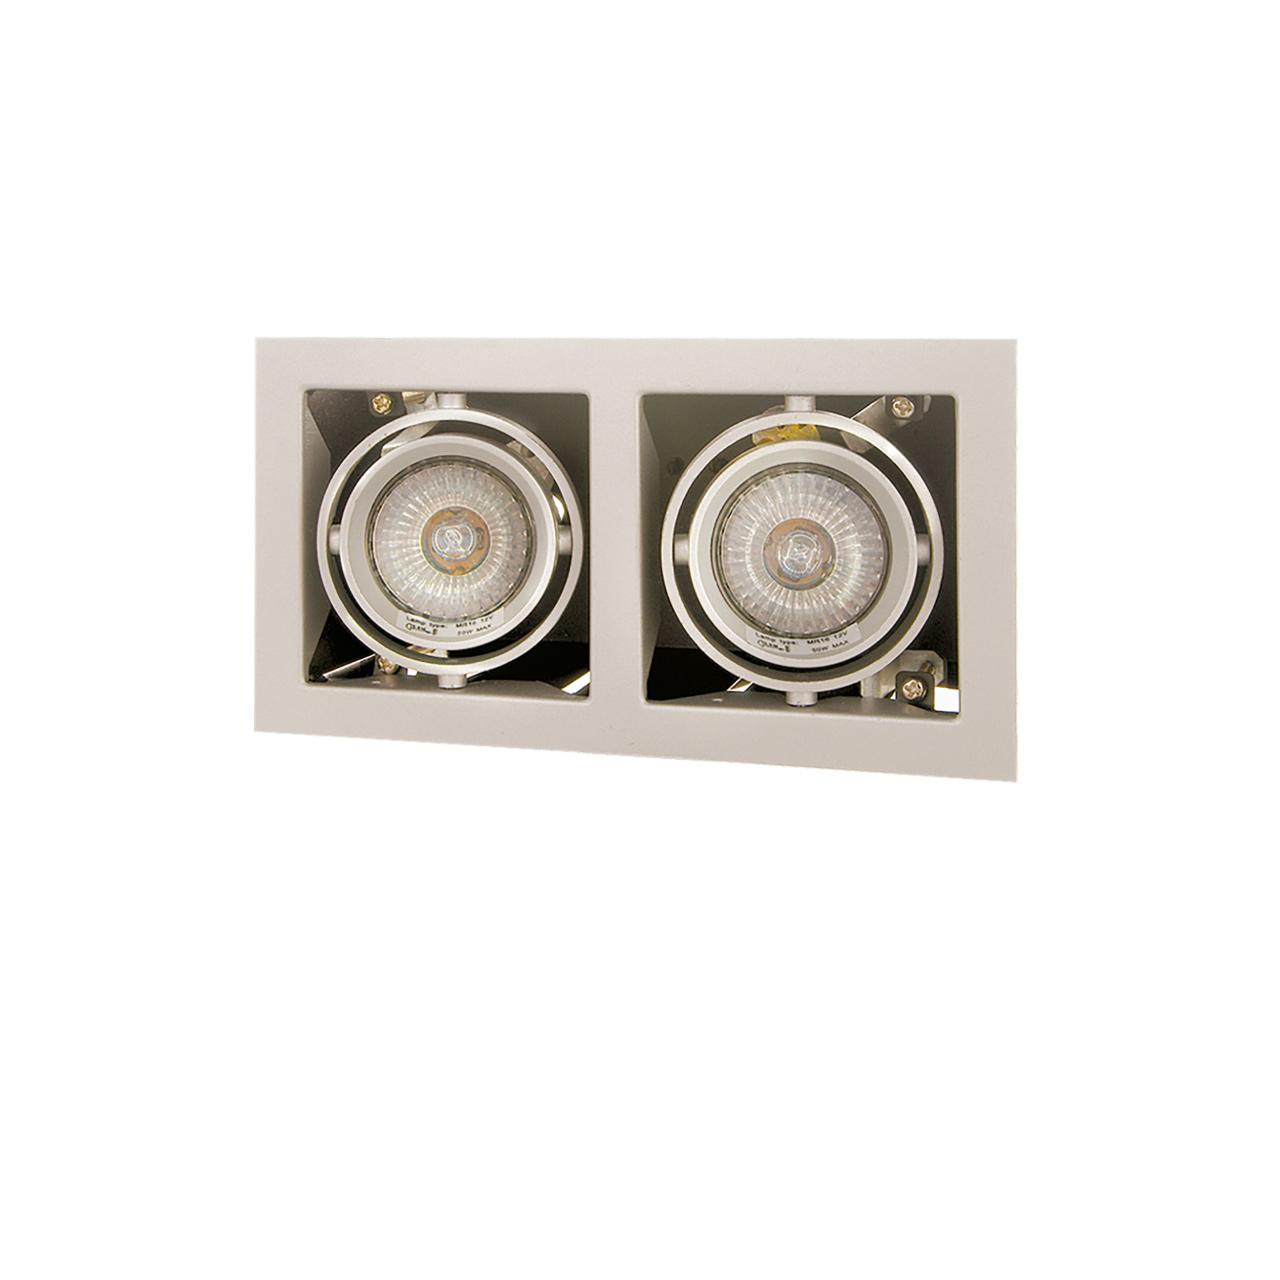 Светильник Cardano 16Х2 MR16 / HP16 титан Lightstar 214027